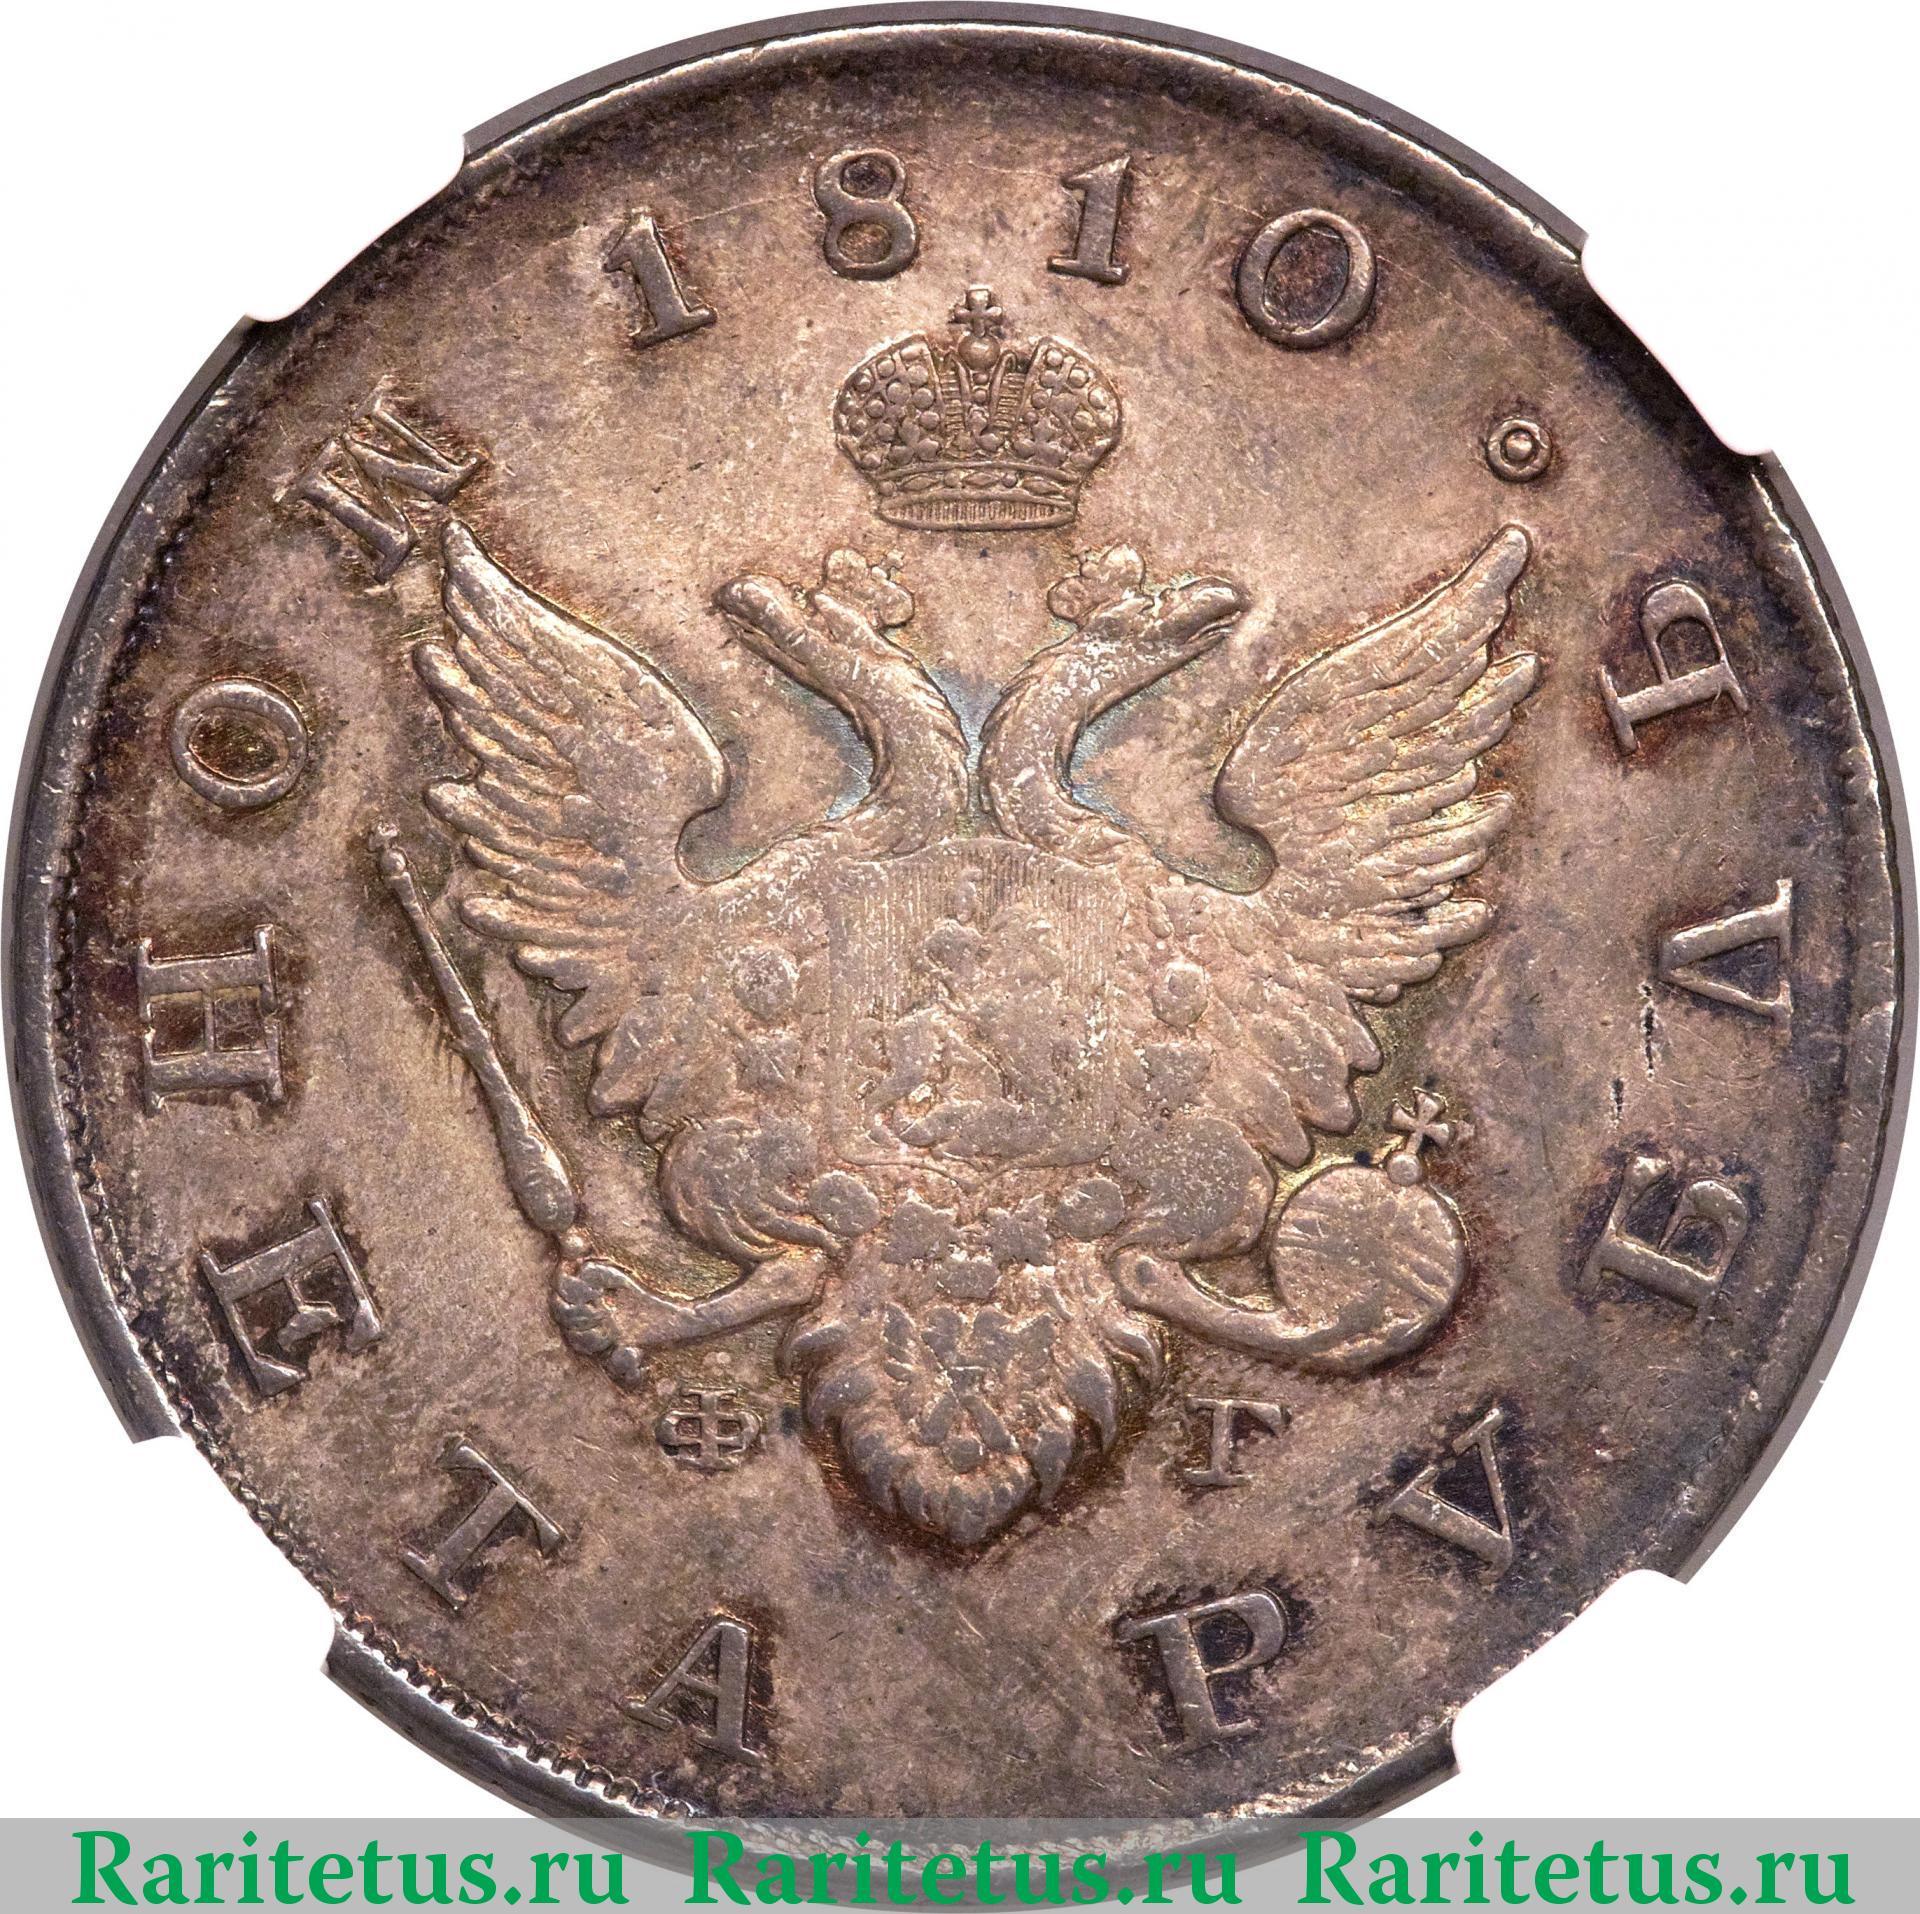 1 рубль 1810 года цена mars goliaf